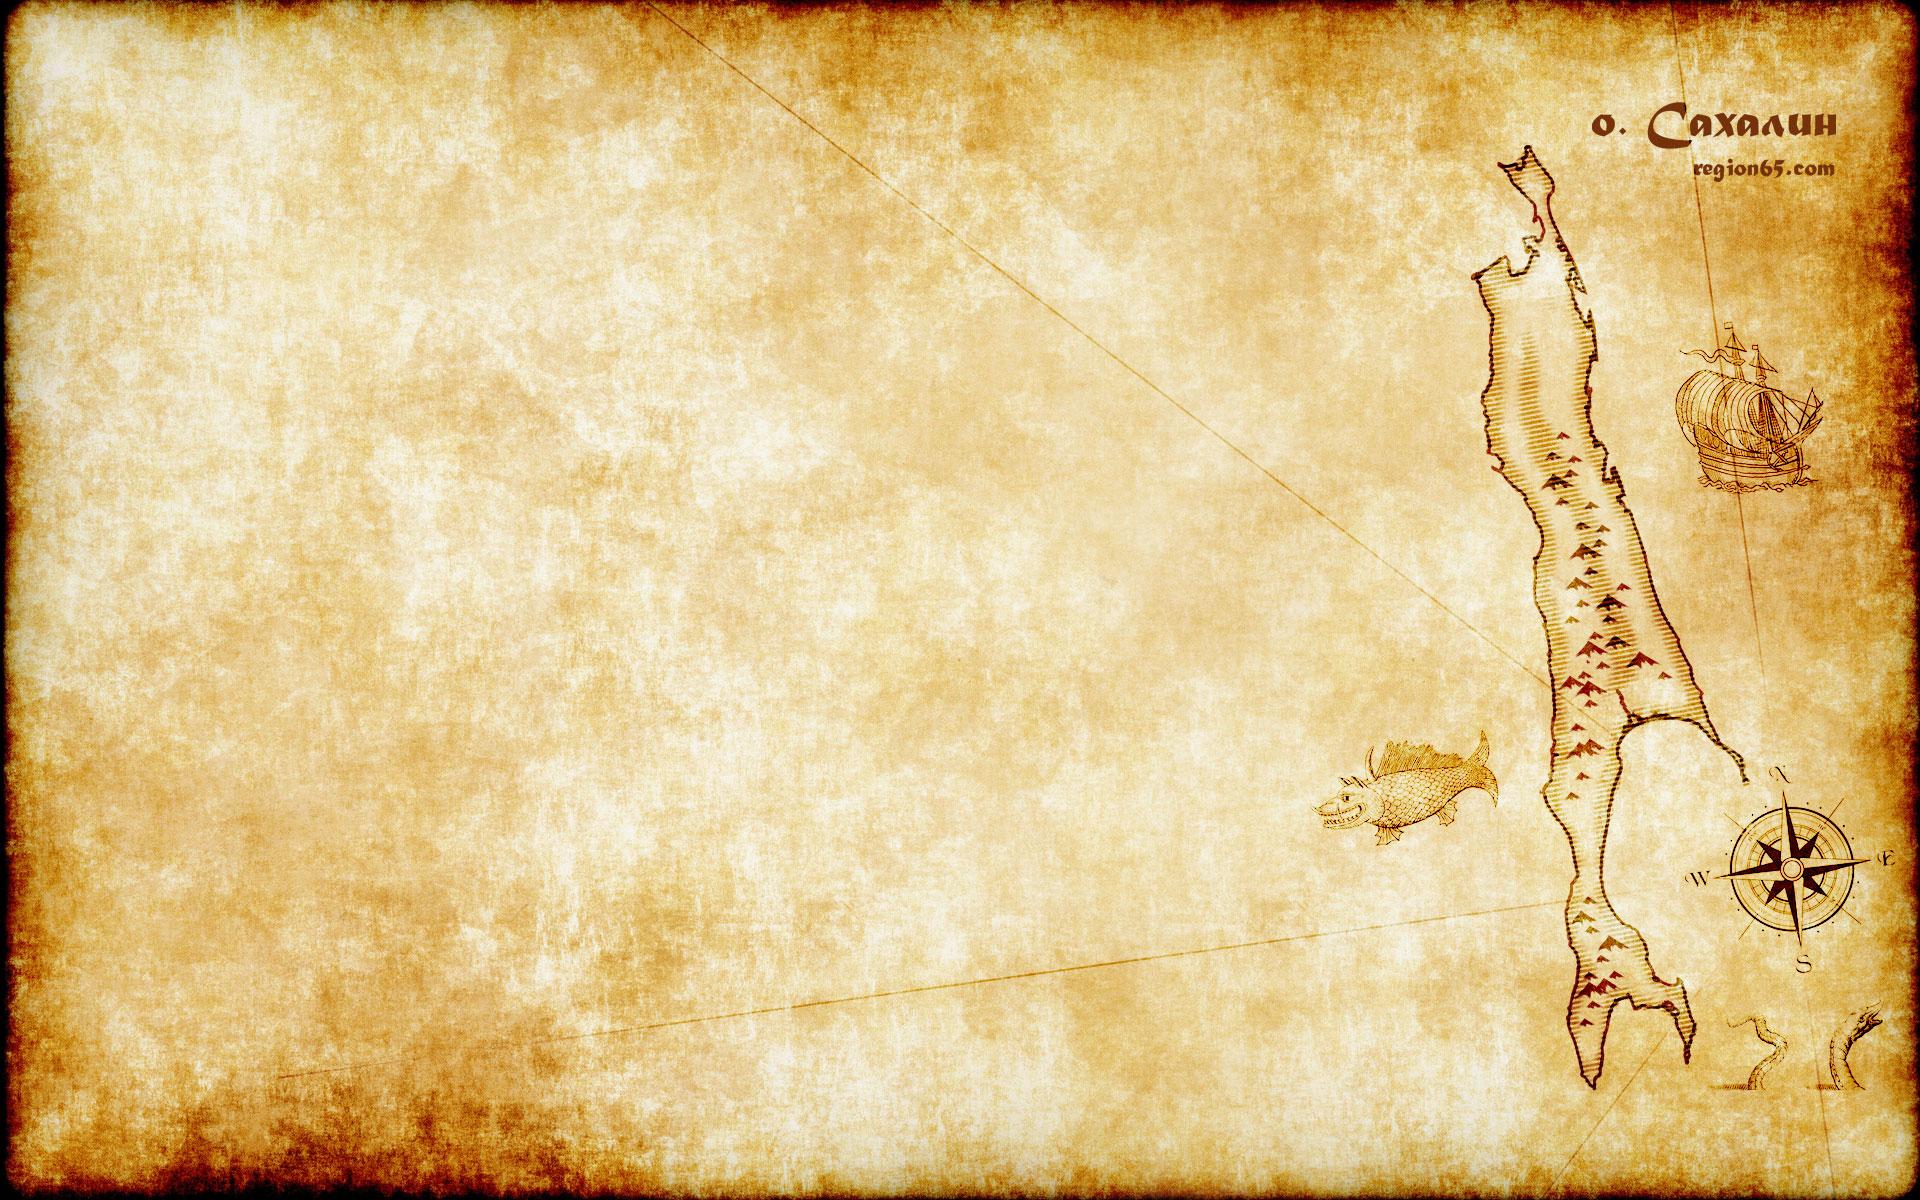 Карта Сахалина на рабочий стол скачать бесплатно